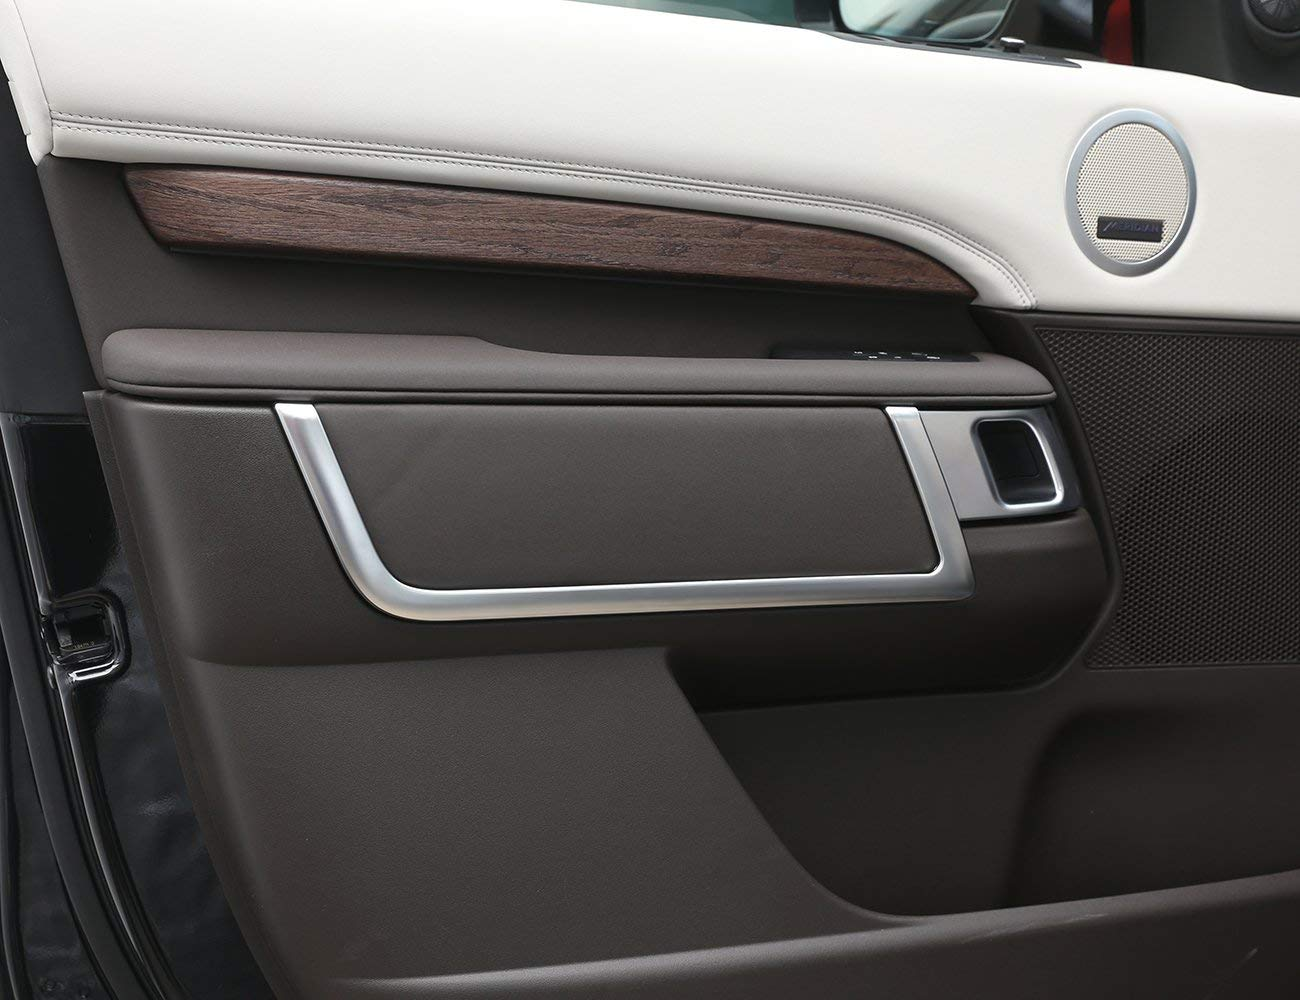 Strisce Decorative cromate per Interni portiera per Land Rover Discovery 5 2017 Top-Auto